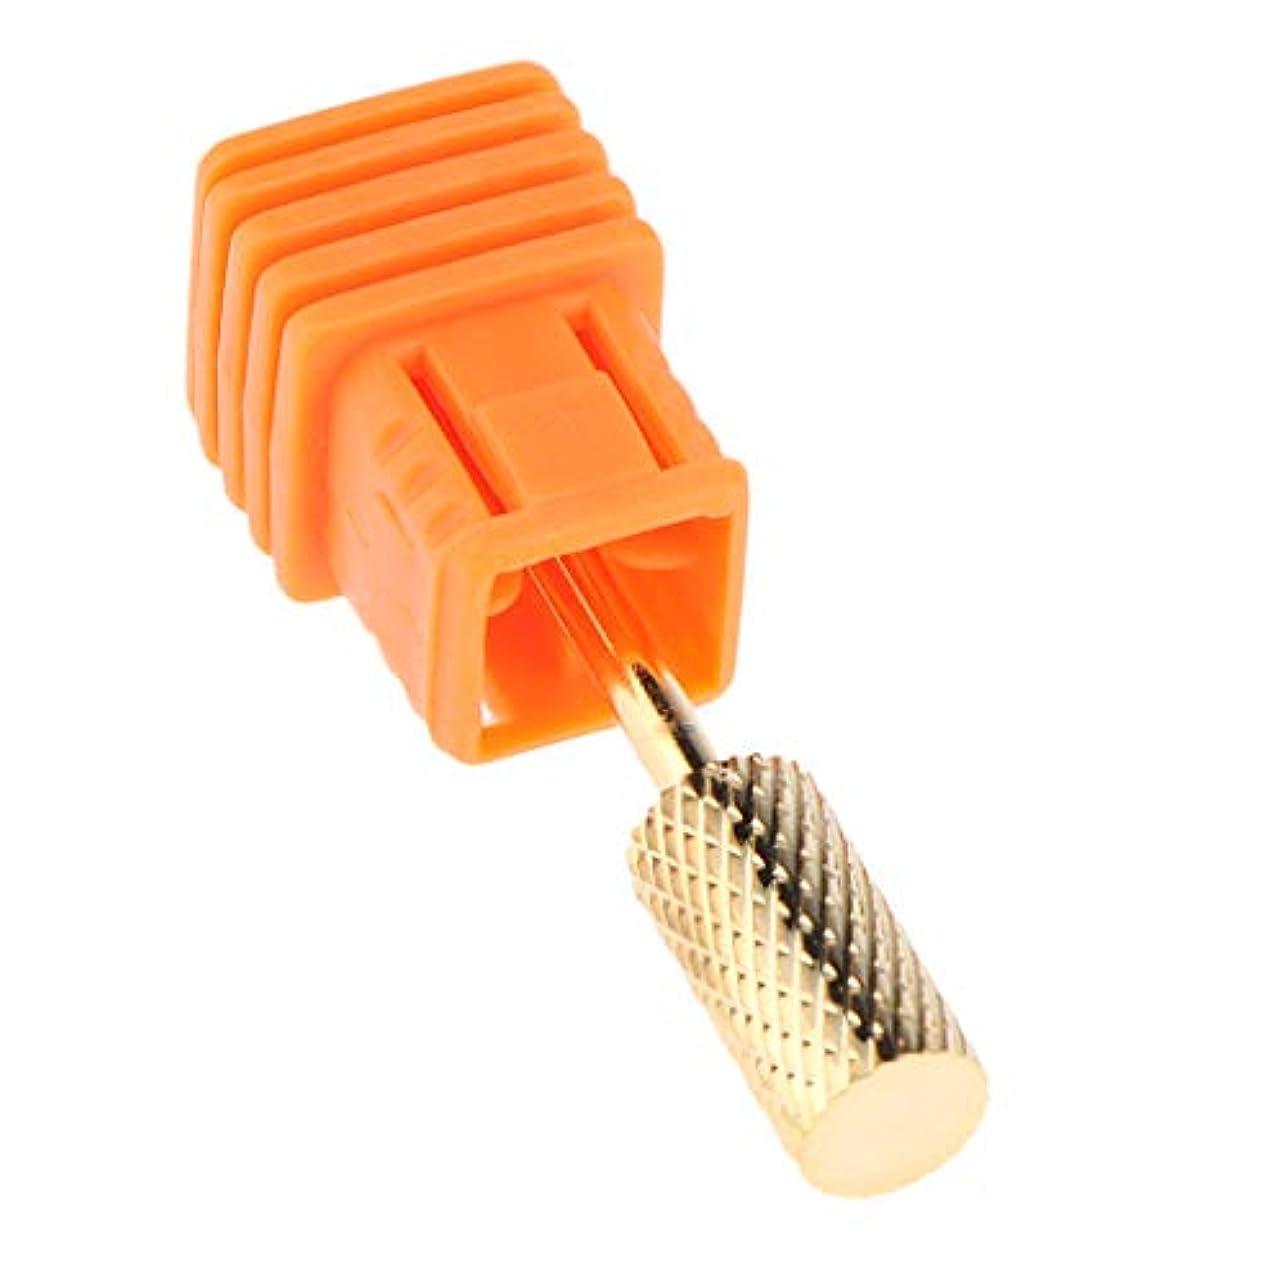 肌寒い難破船納屋ネイルドリルビット ネイルビット ネイルチップ 耐久性 ネイル道具 6スタイル選べ - C